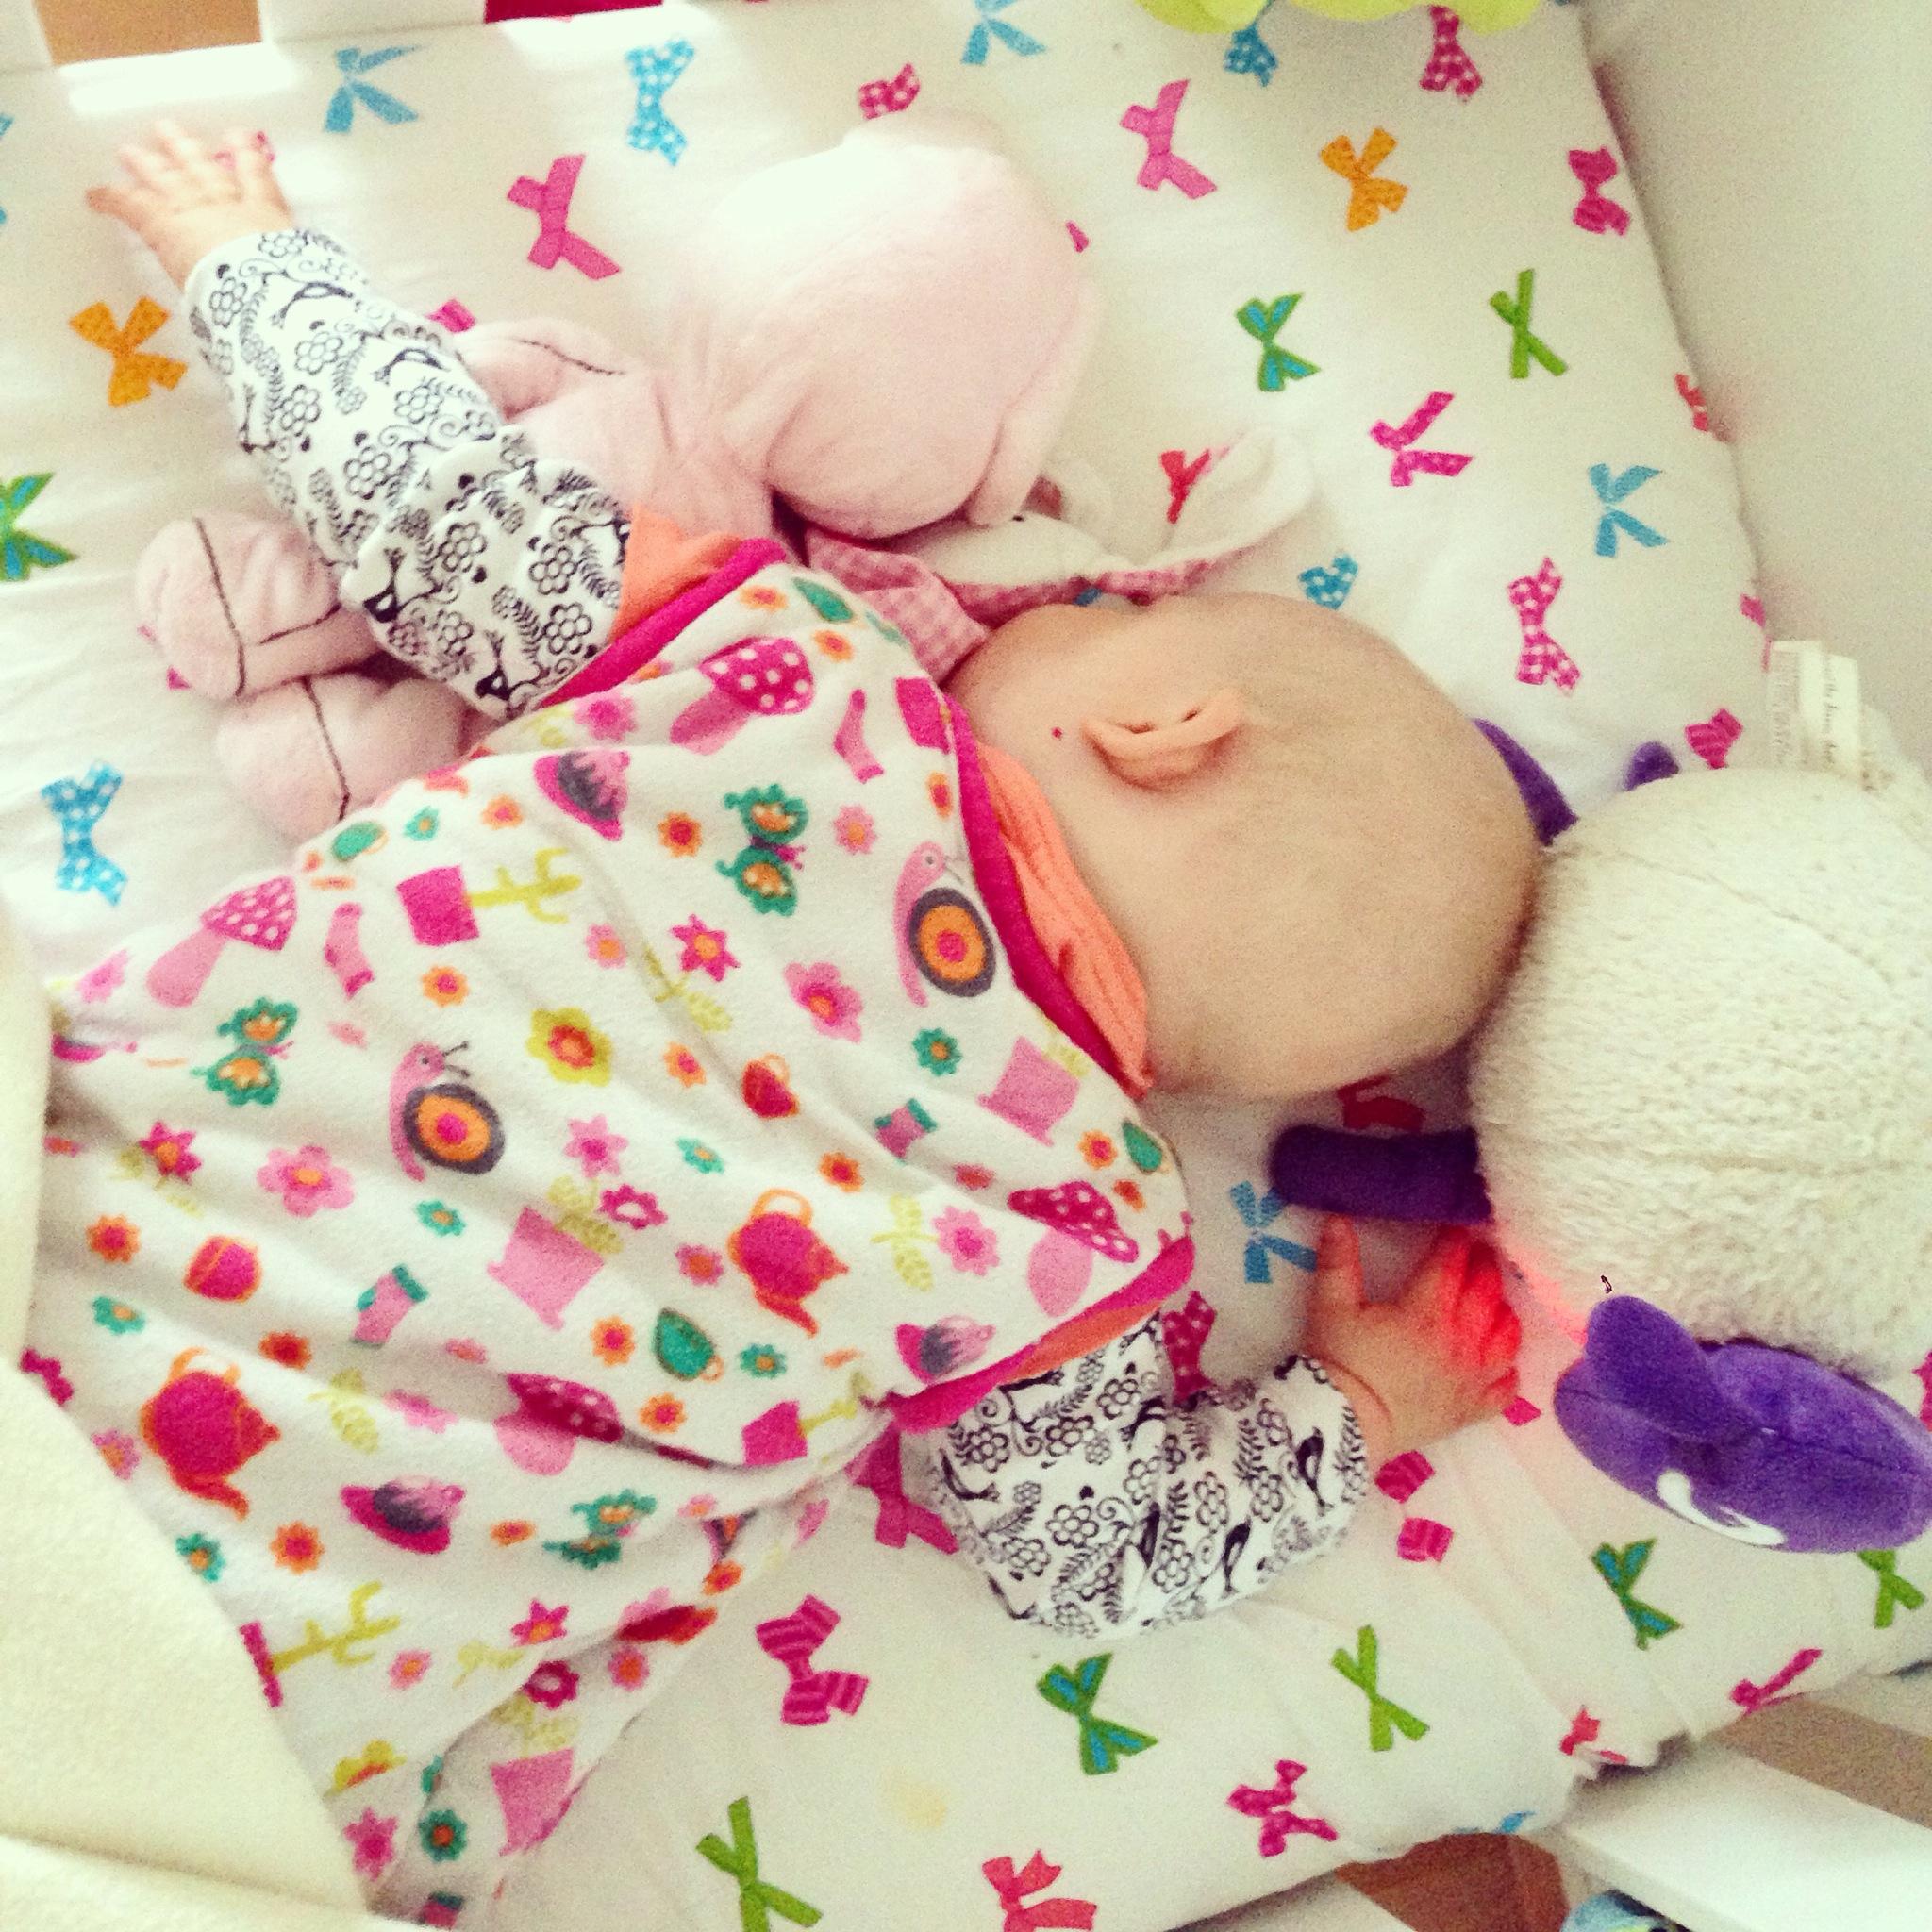 Ook het op haar buik slapen heeft Liza deze week ontdekt. Niet mijn ding overigens..